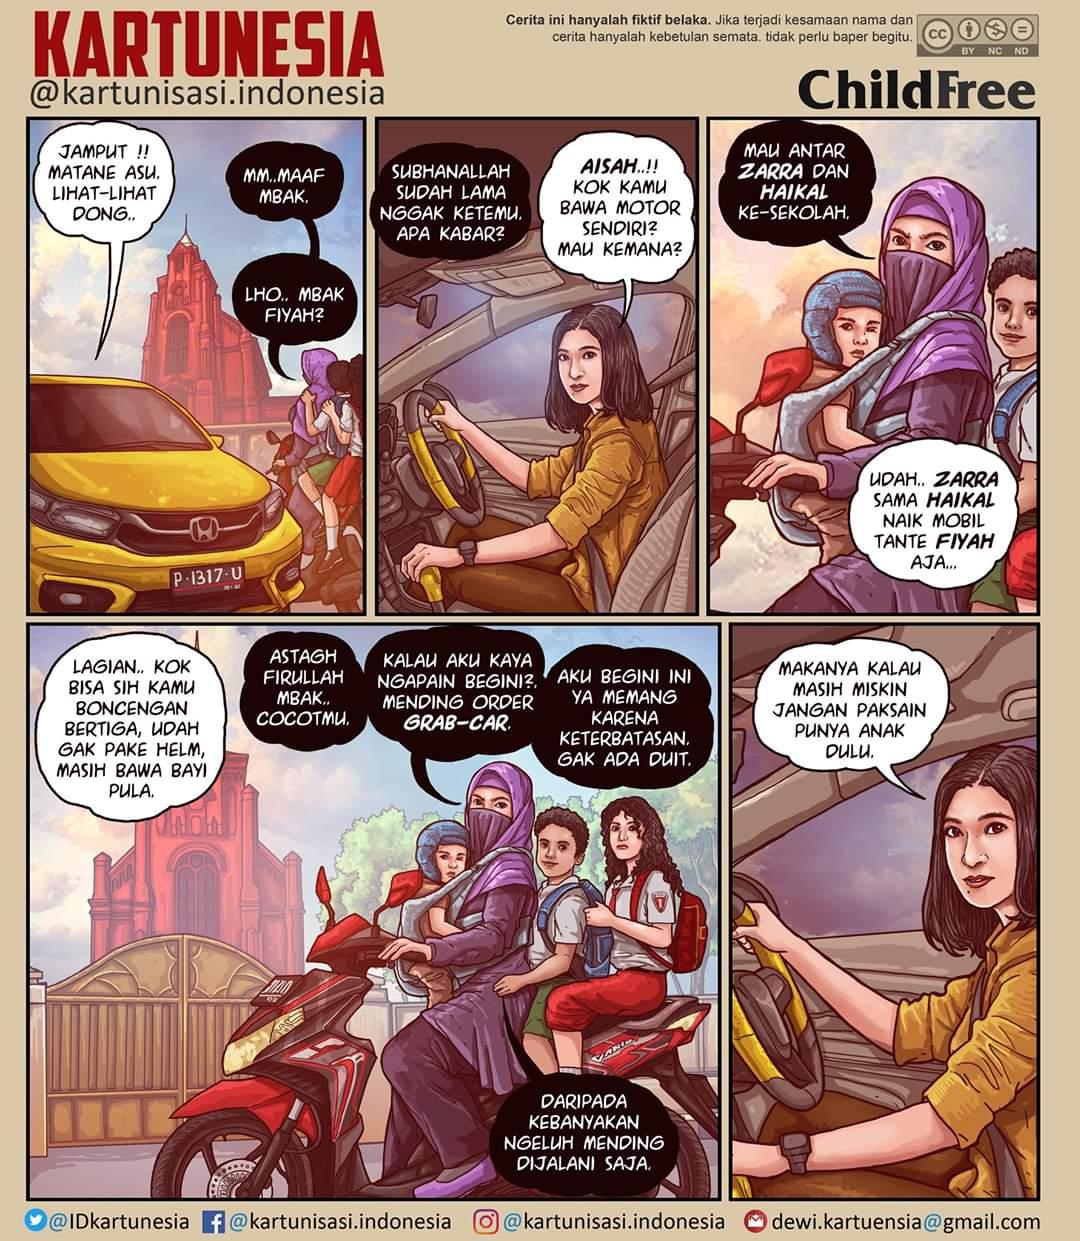 Memprotes Kartunesia yang Memojokkan Muslimah Beranak Banyak